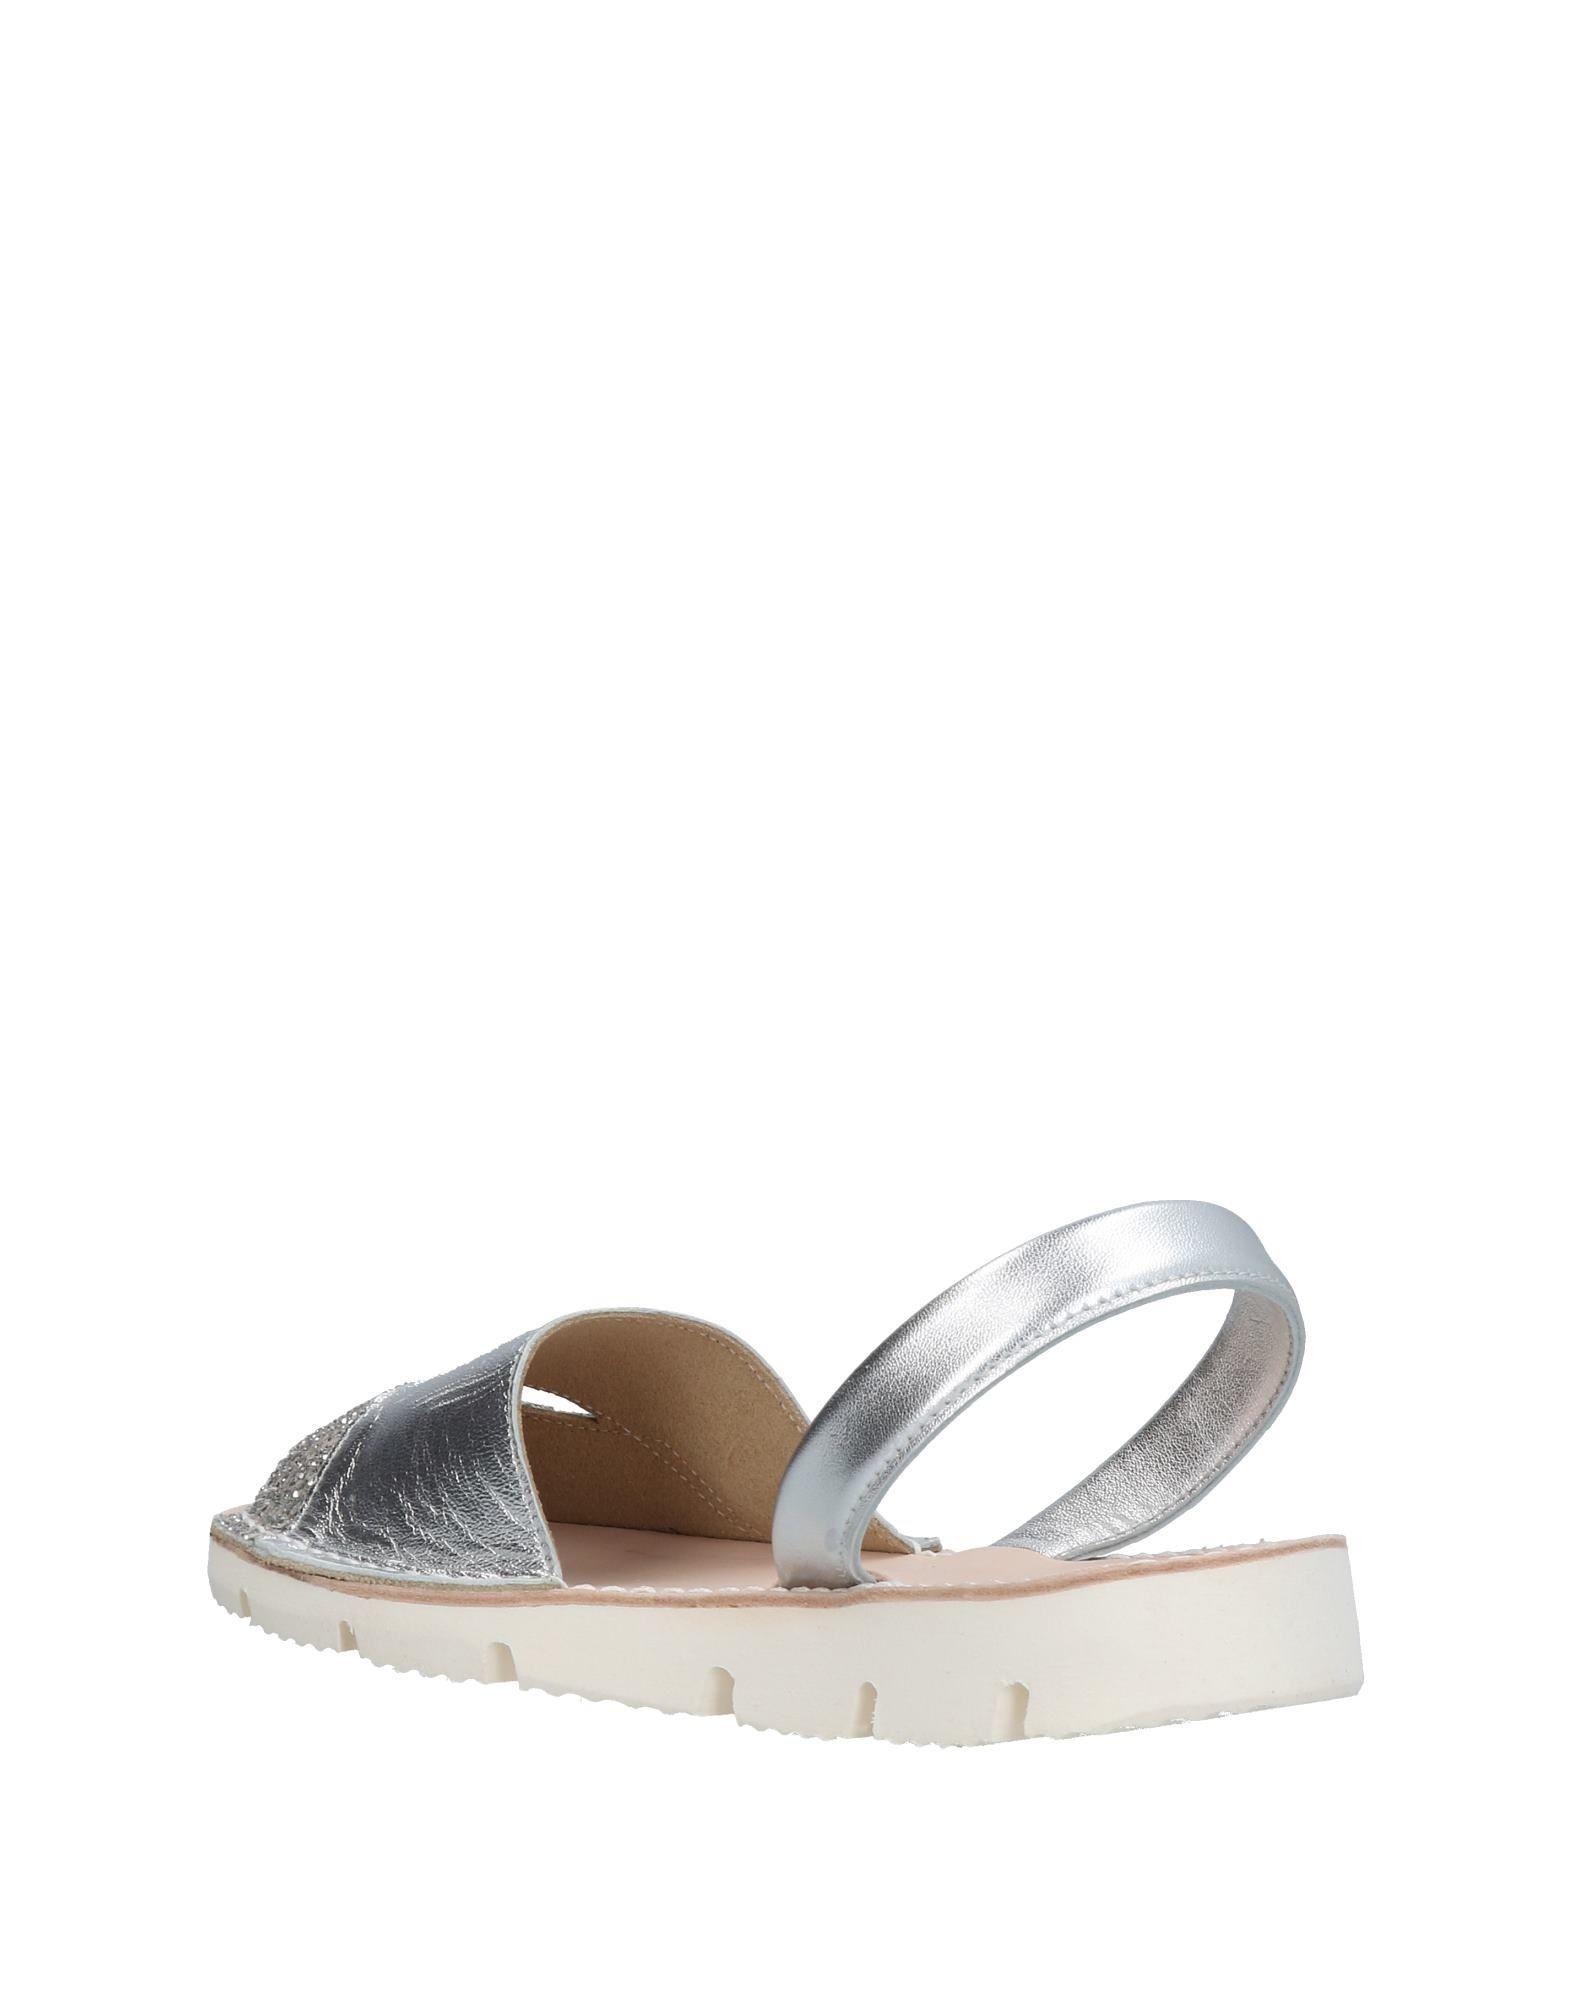 Sandales Les Chausseurs Femme - Sandales Les Chausseurs sur